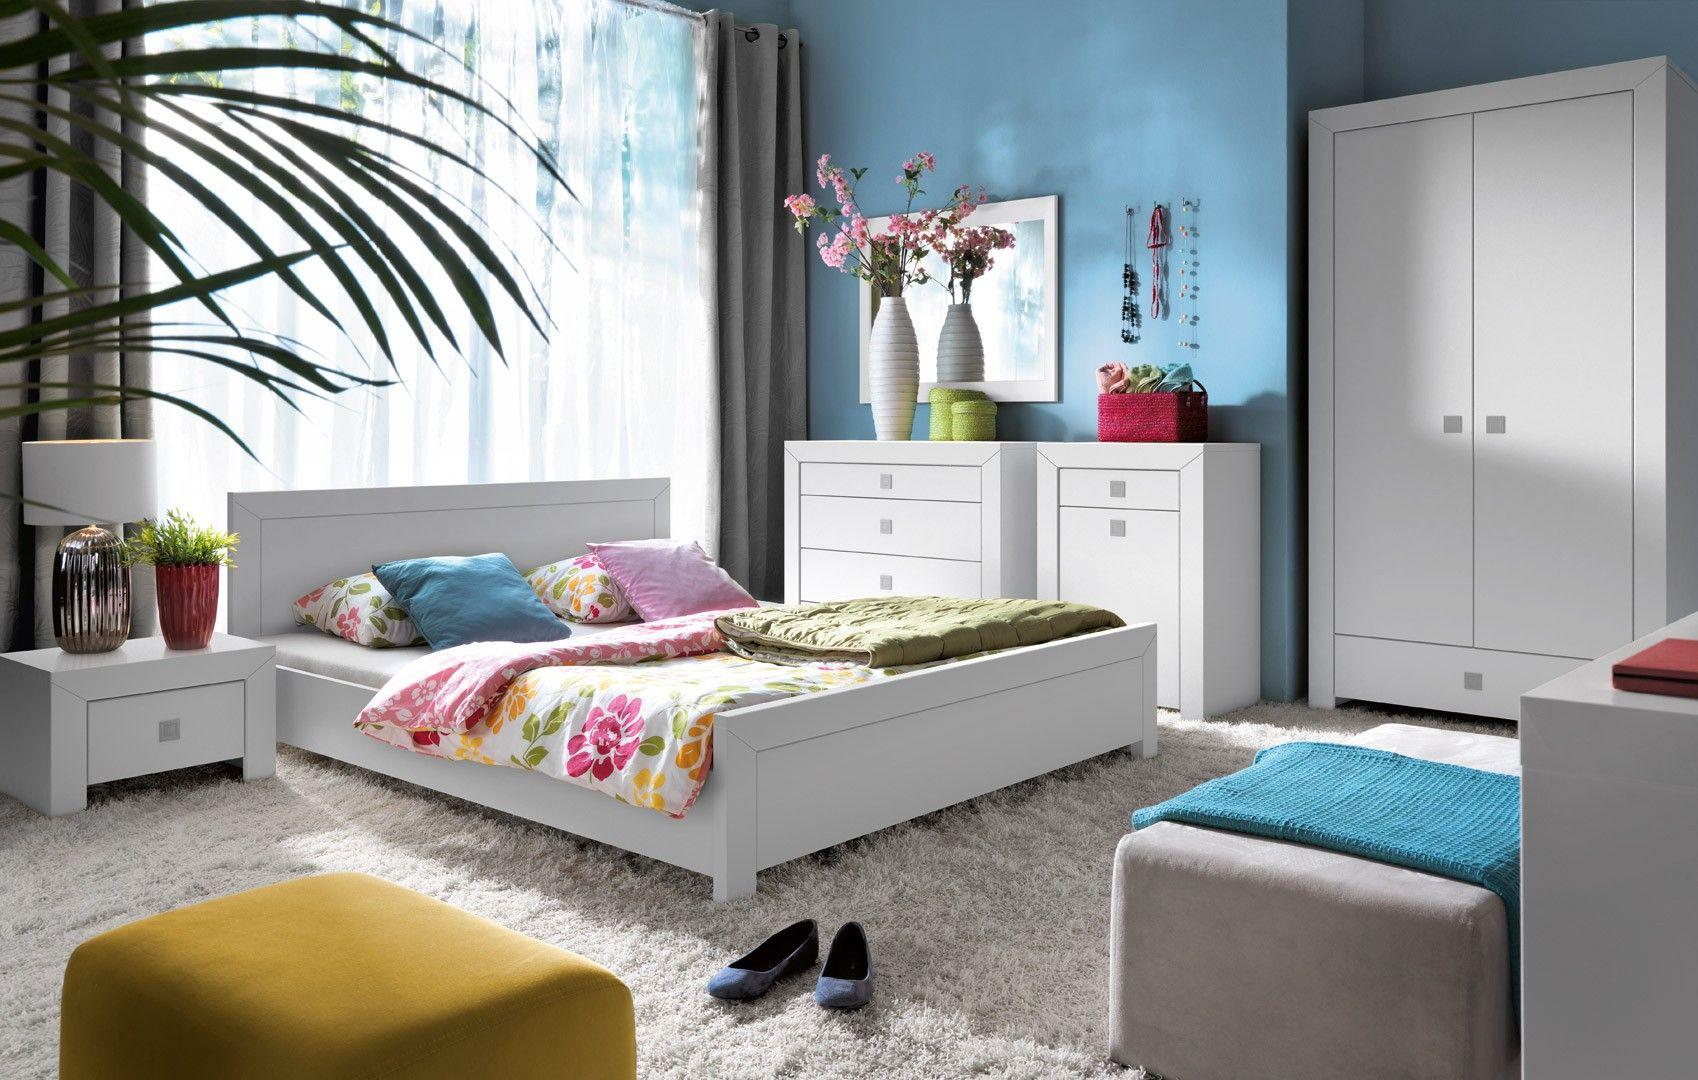 mezo is een moderne complete slaapkamer gemaakt van hoogwaardig gelamineerd plaatmateriaal uitgevoerd in de kleur mat wit gecombineerd met zilverkleurige